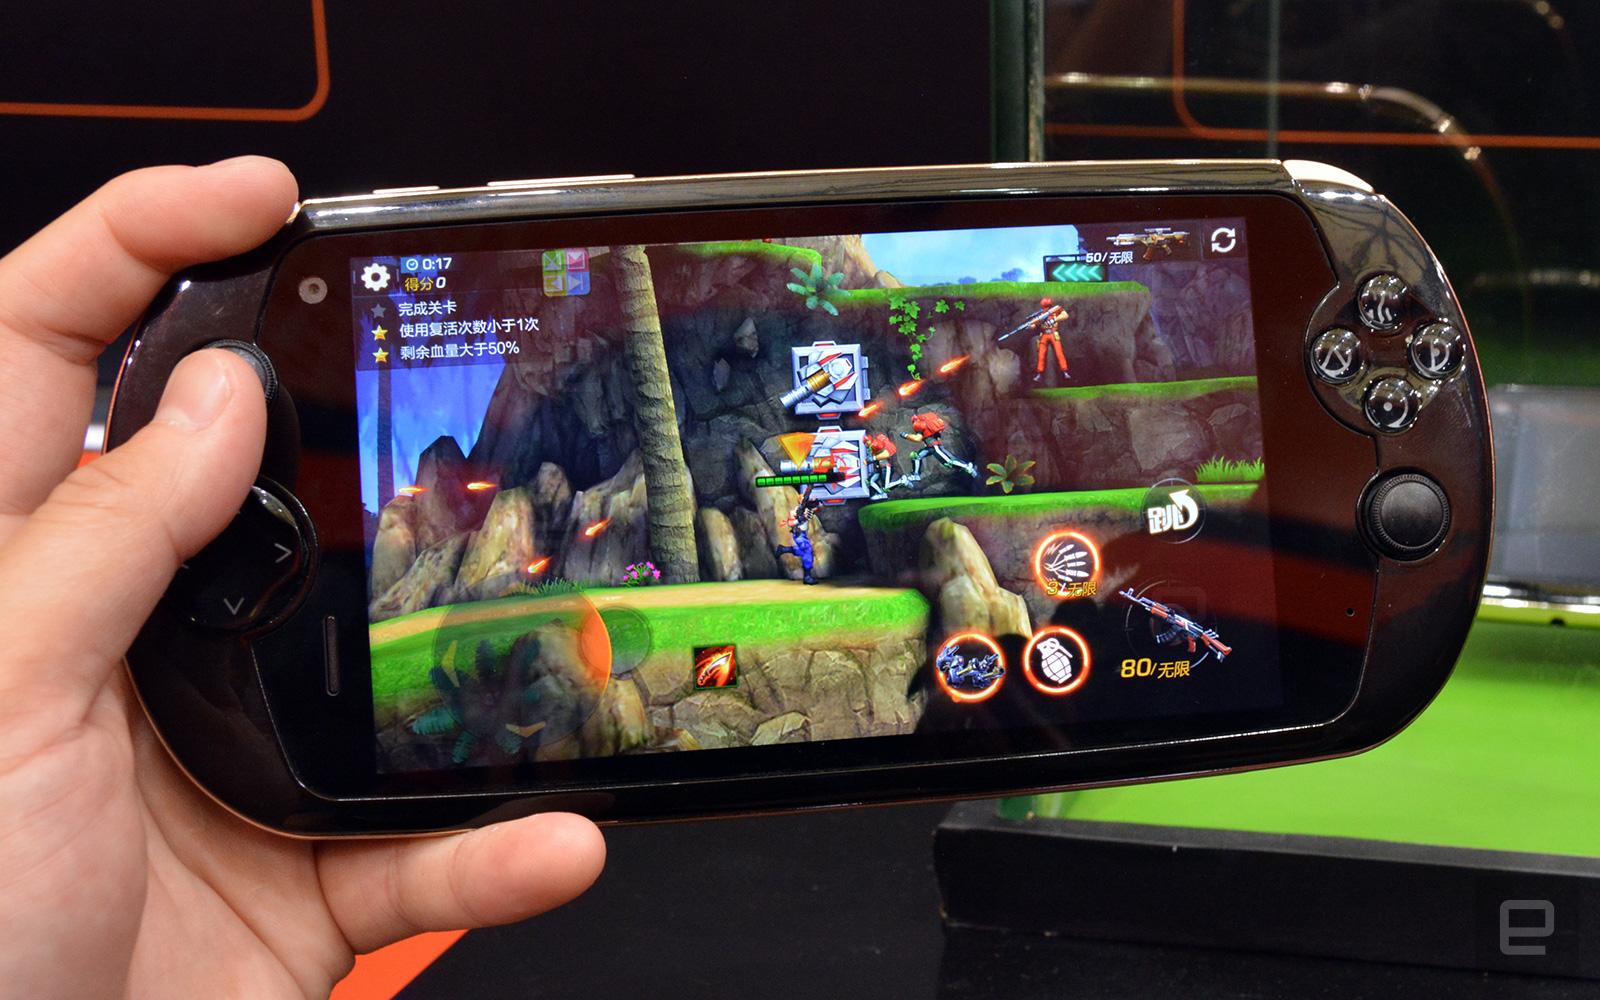 Snail Mobile i7 : un smartphone aux airs de PS Vita